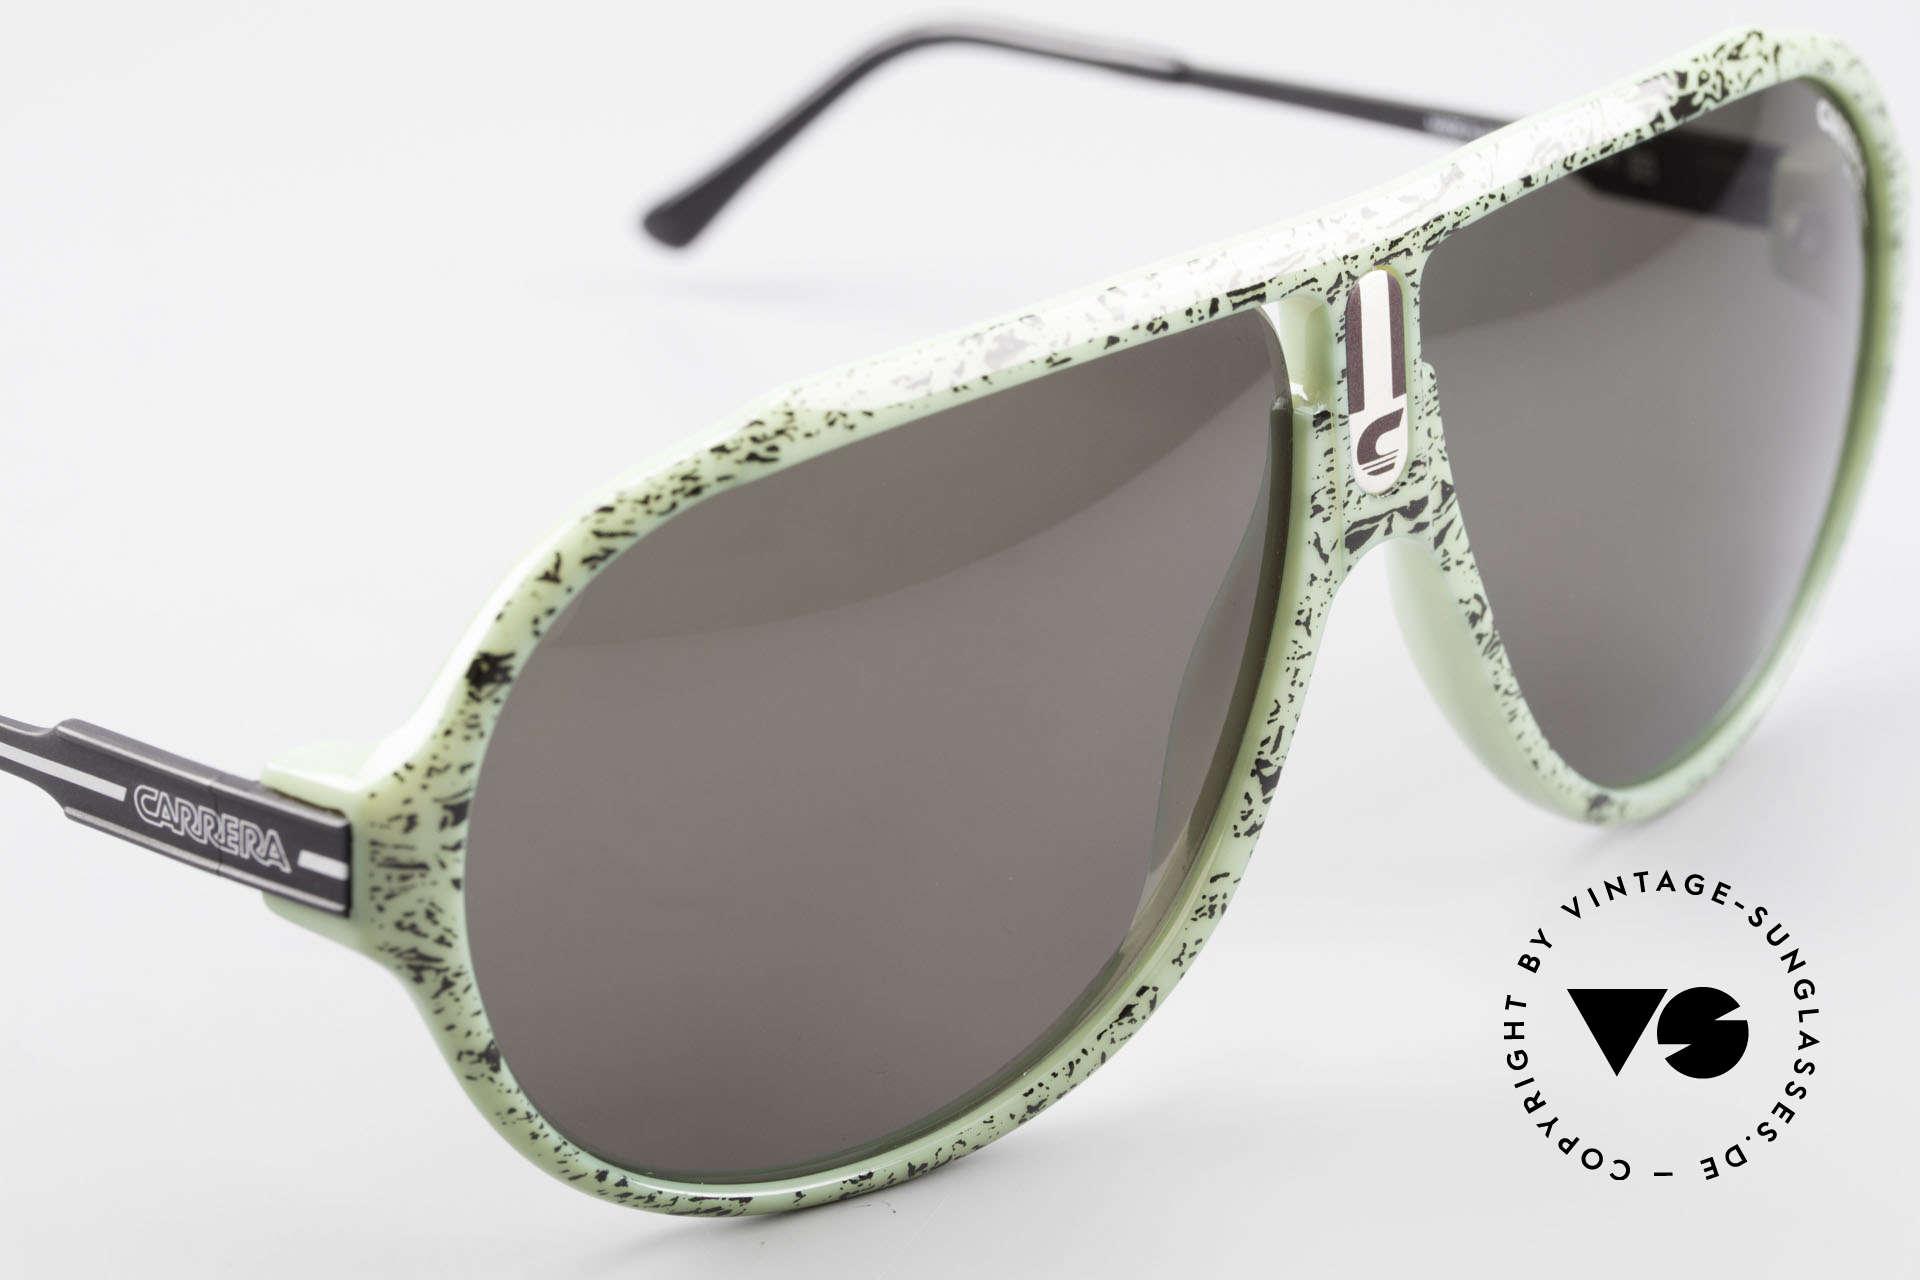 Carrera 5565 Vintage Sonnenbrille Optyl, KEINE Retro-Sonnenbrille; ein 30 J. altes ORIGINAL!, Passend für Herren